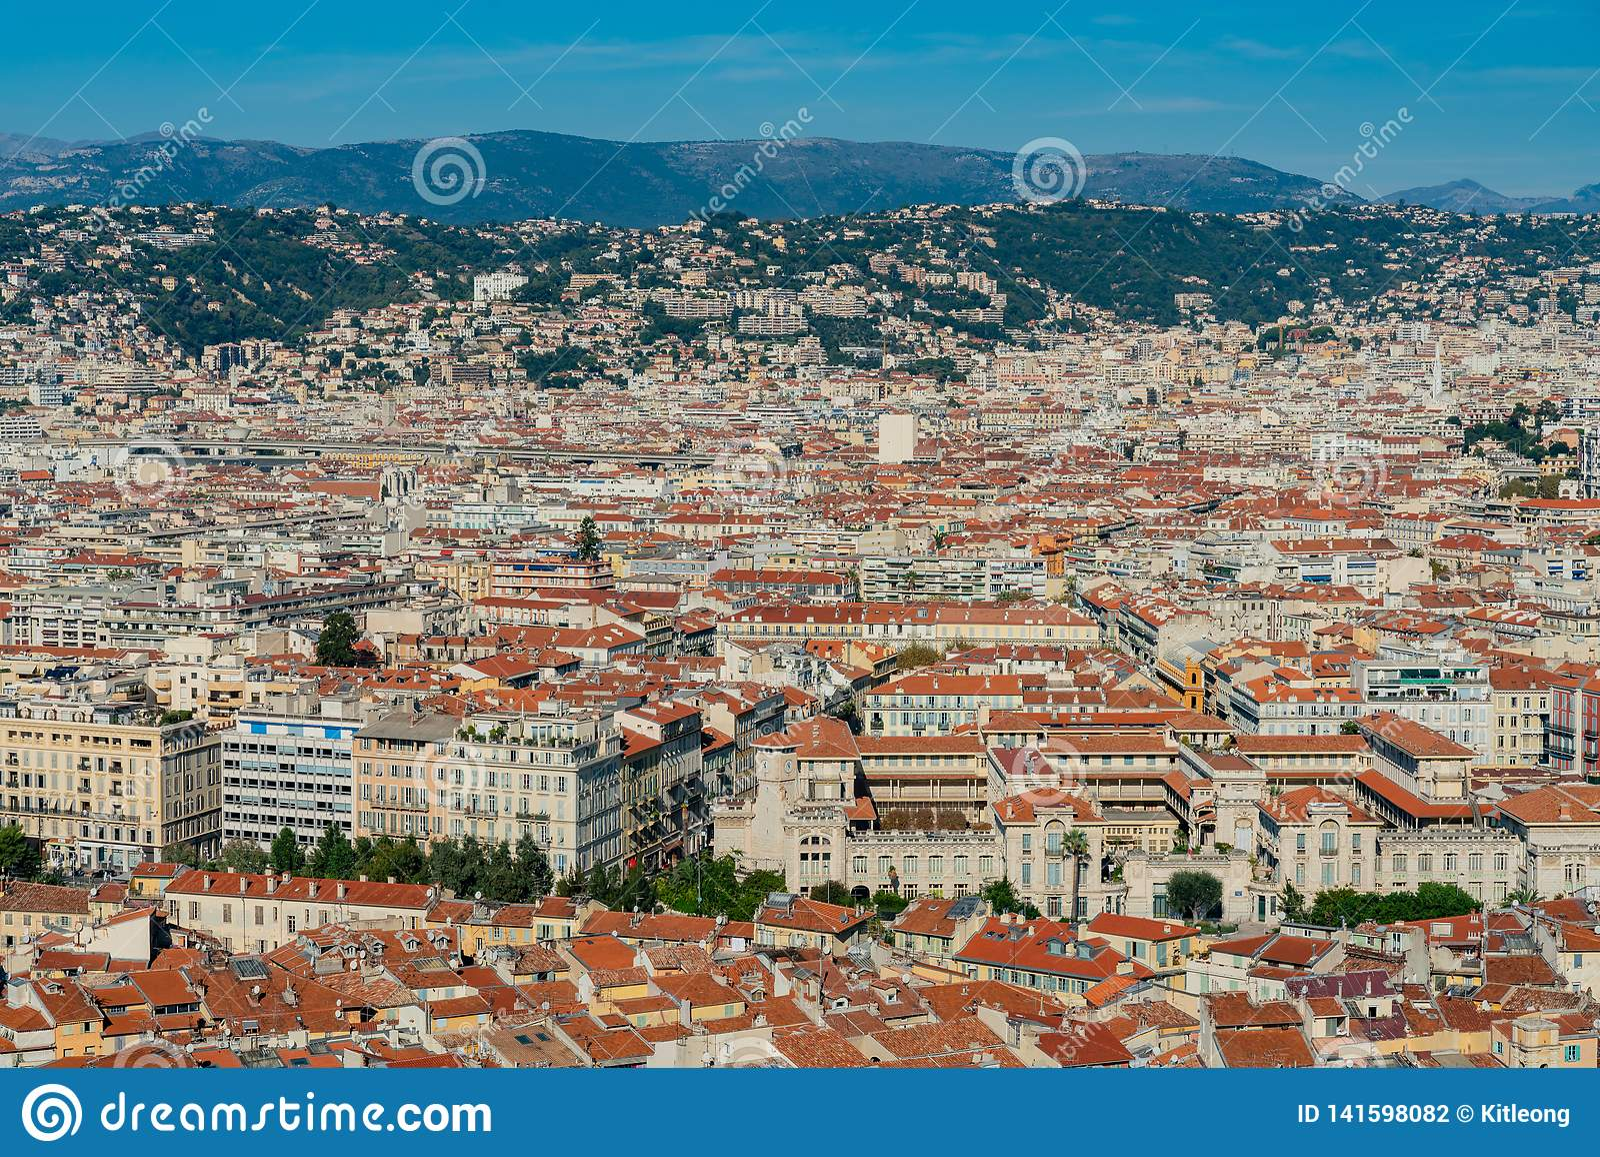 Vista aérea Niza del paisaje urbano céntrico de la colina del castillo